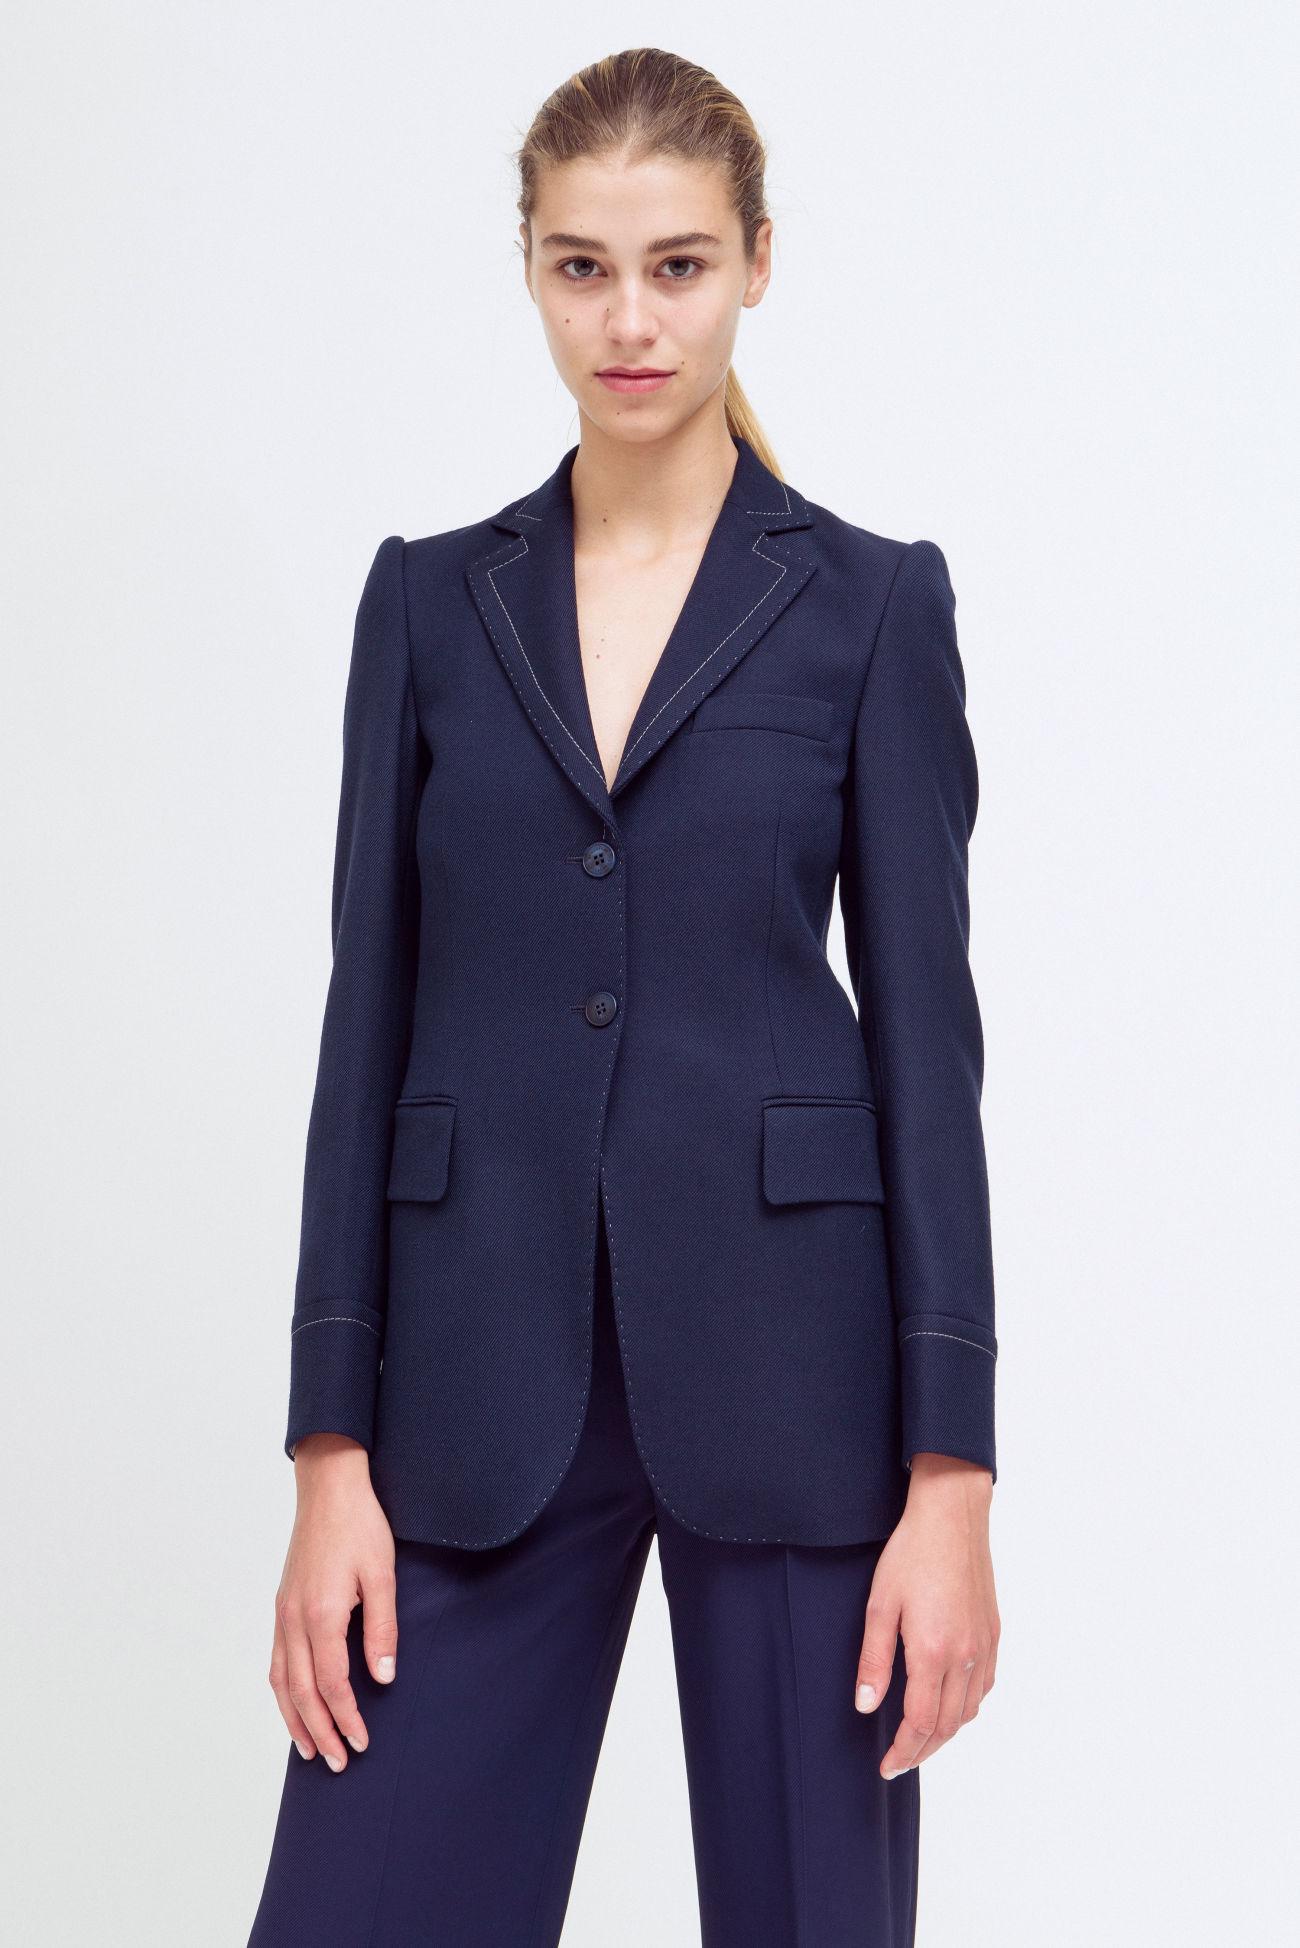 Two-button blazer made of a virgin wool blend